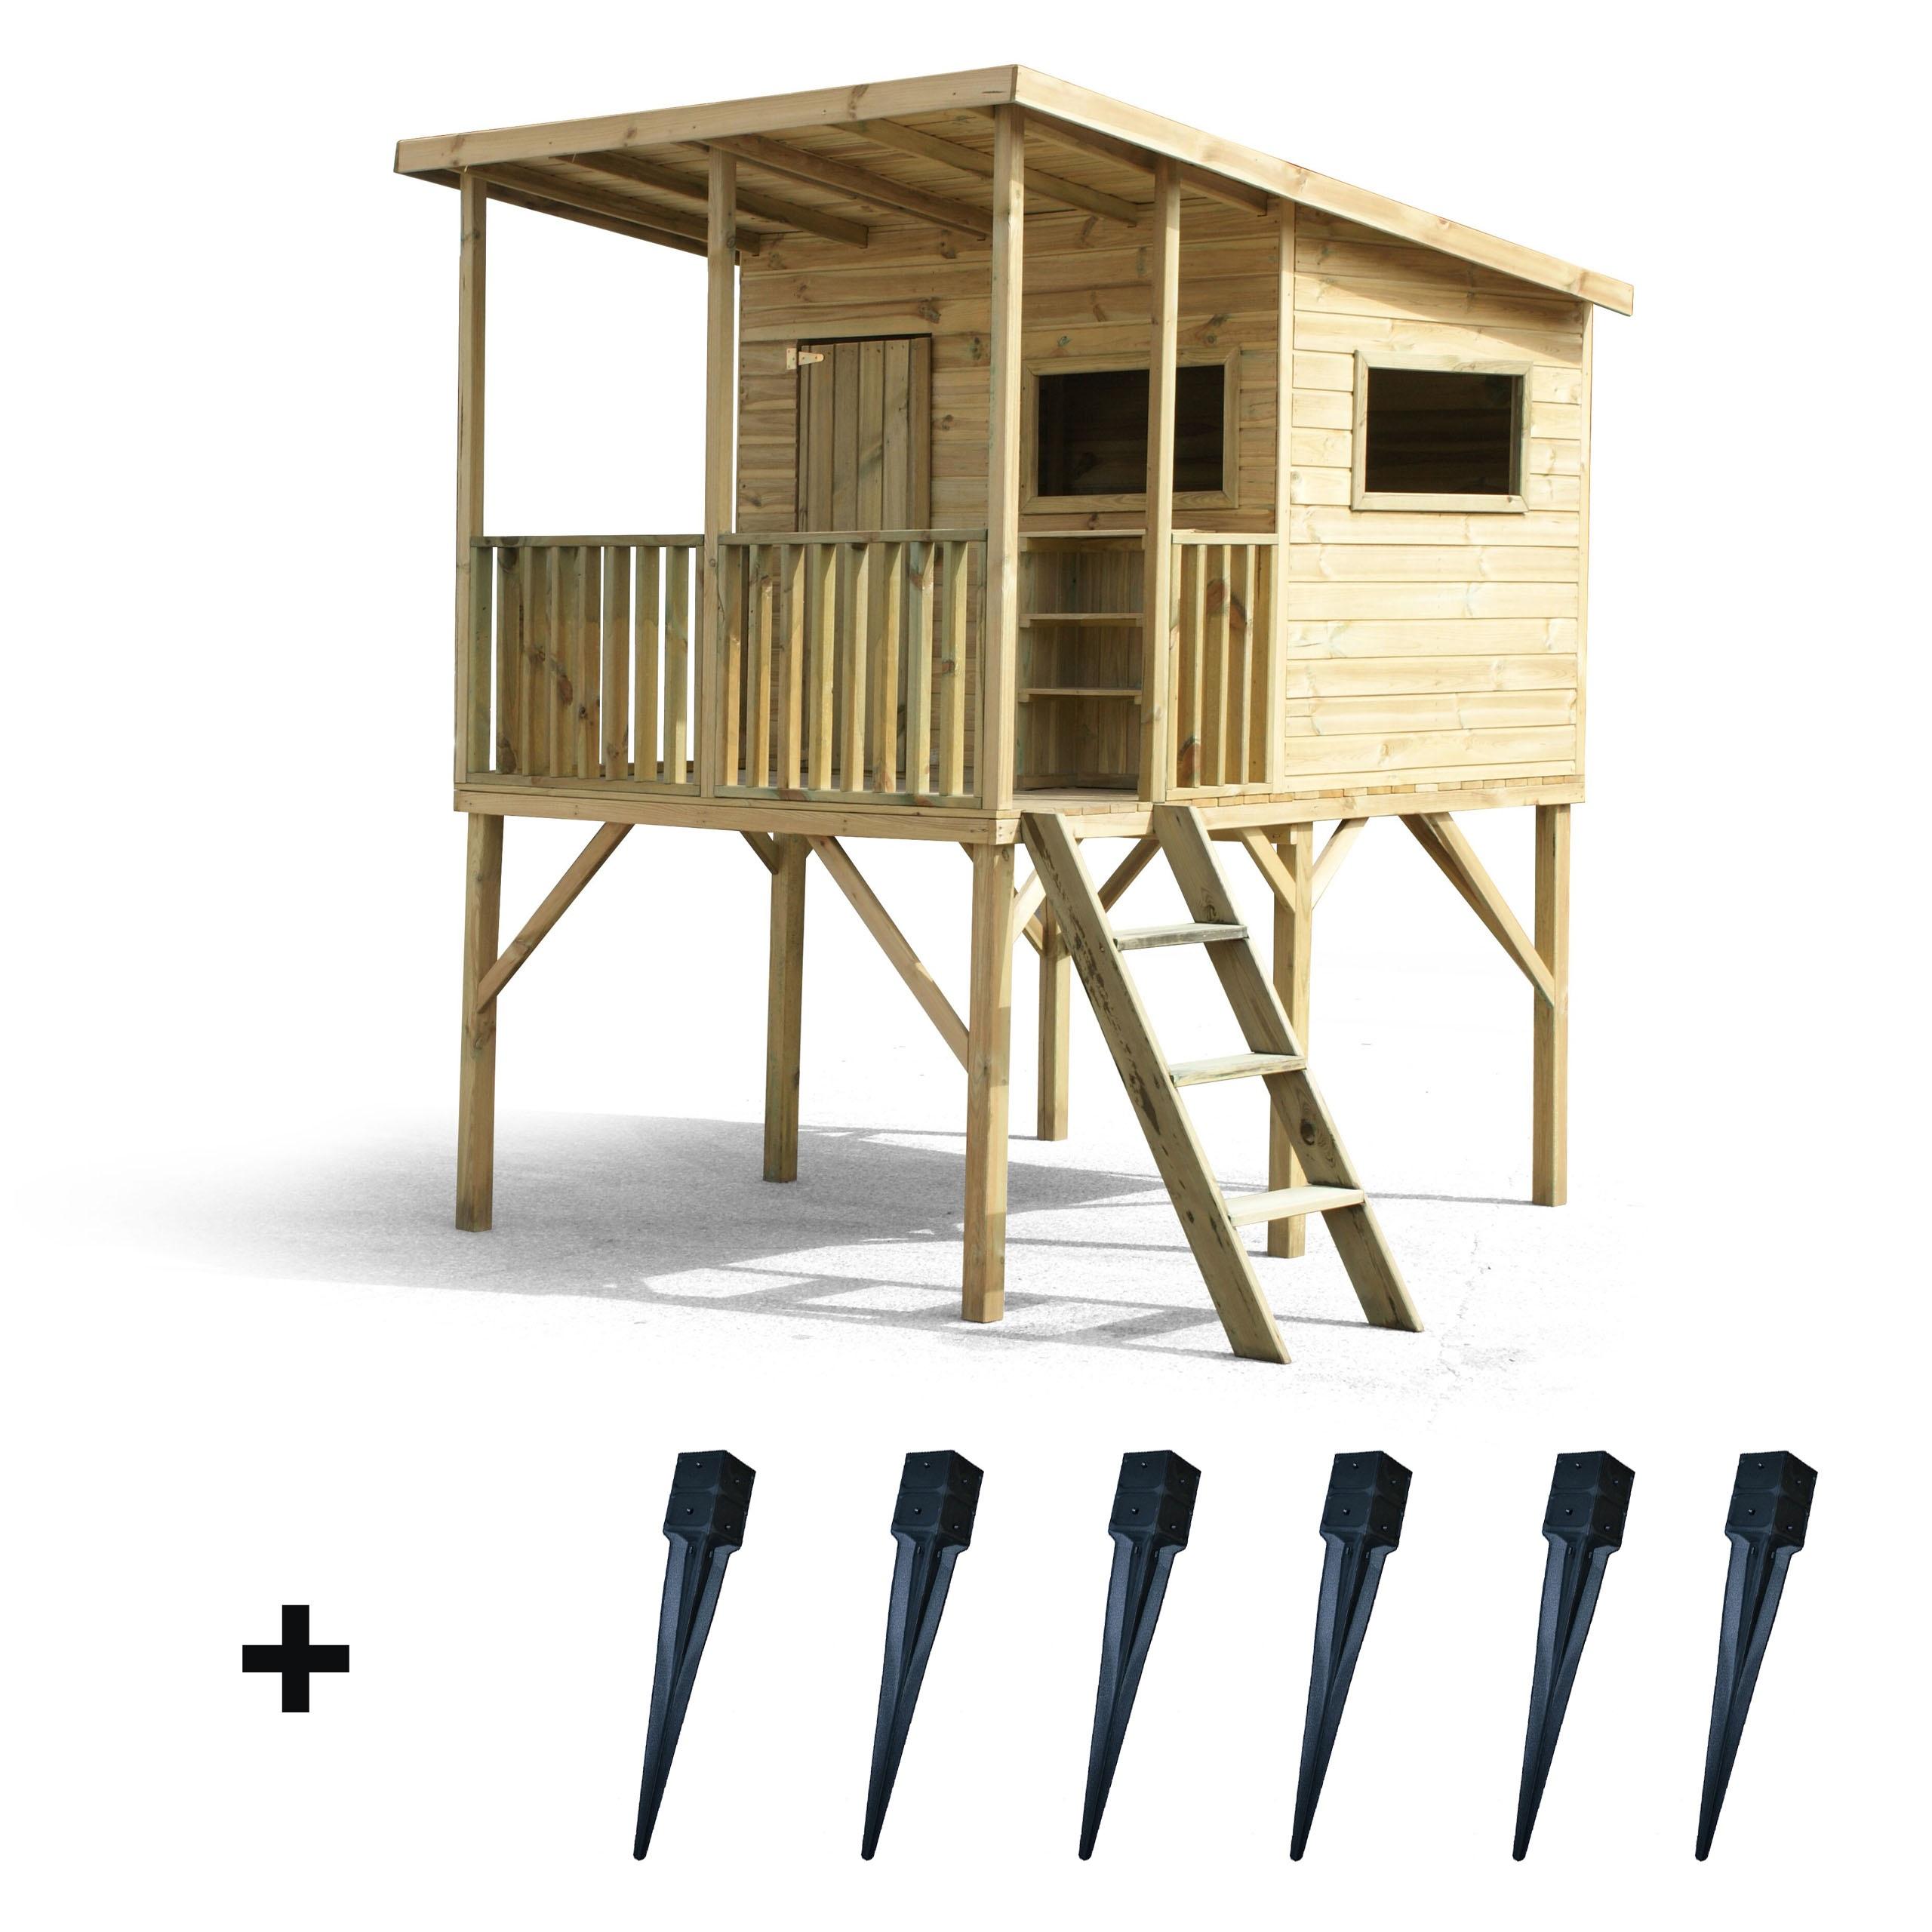 Drevený záhradný dom pre deti Robinson + kotvy